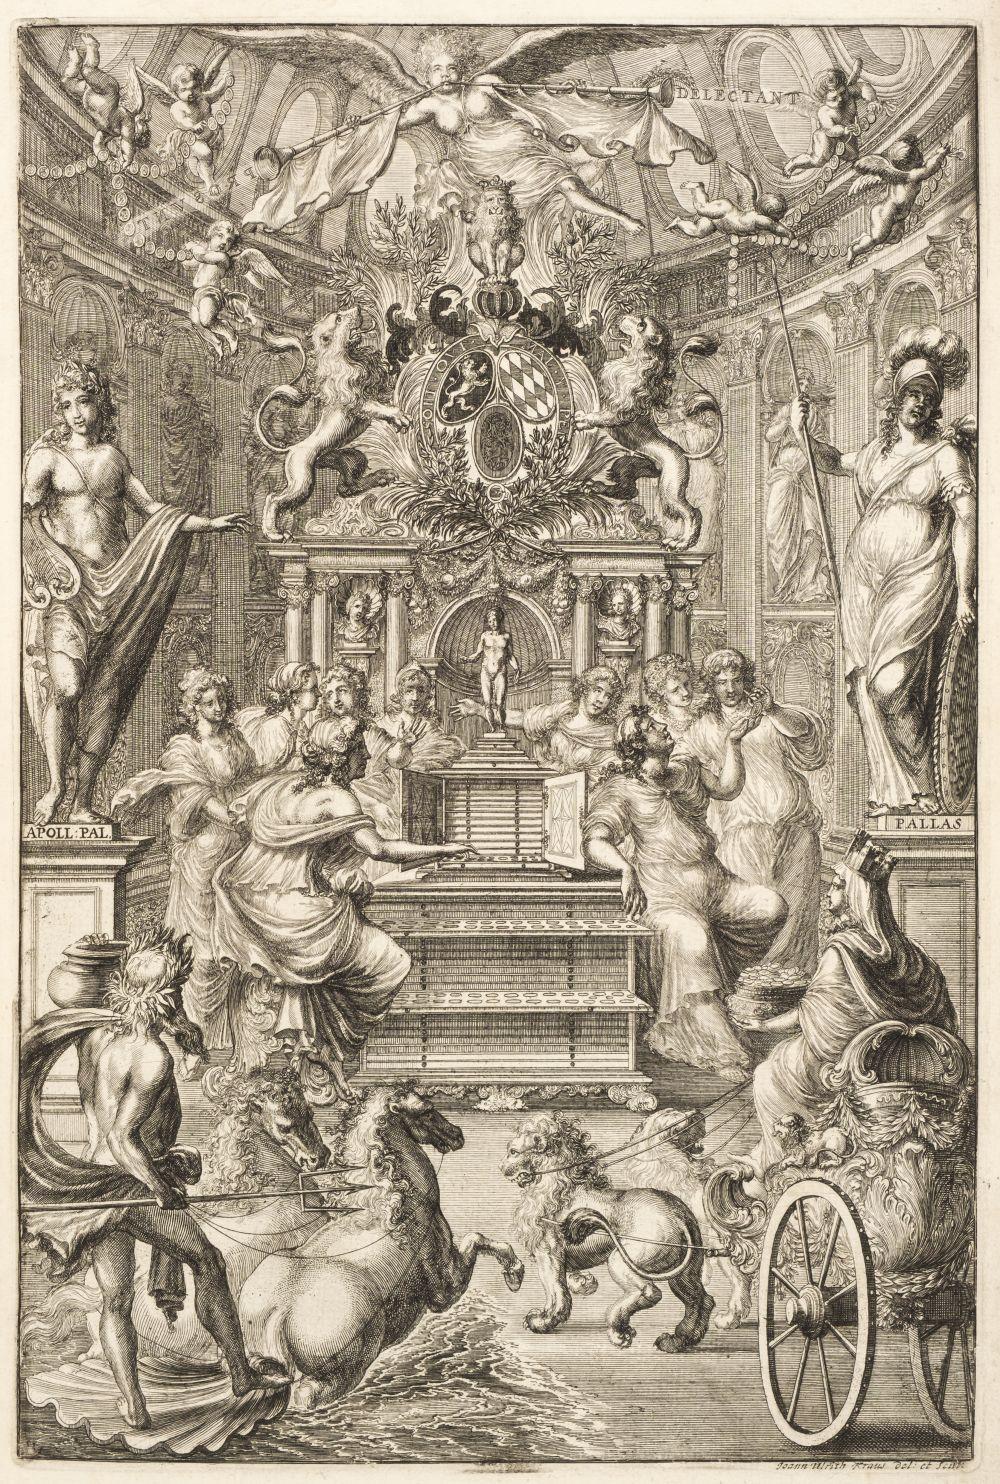 Beger (Lorenzo). Thesaurus ex Thesauro Palatino Selectus, 1685